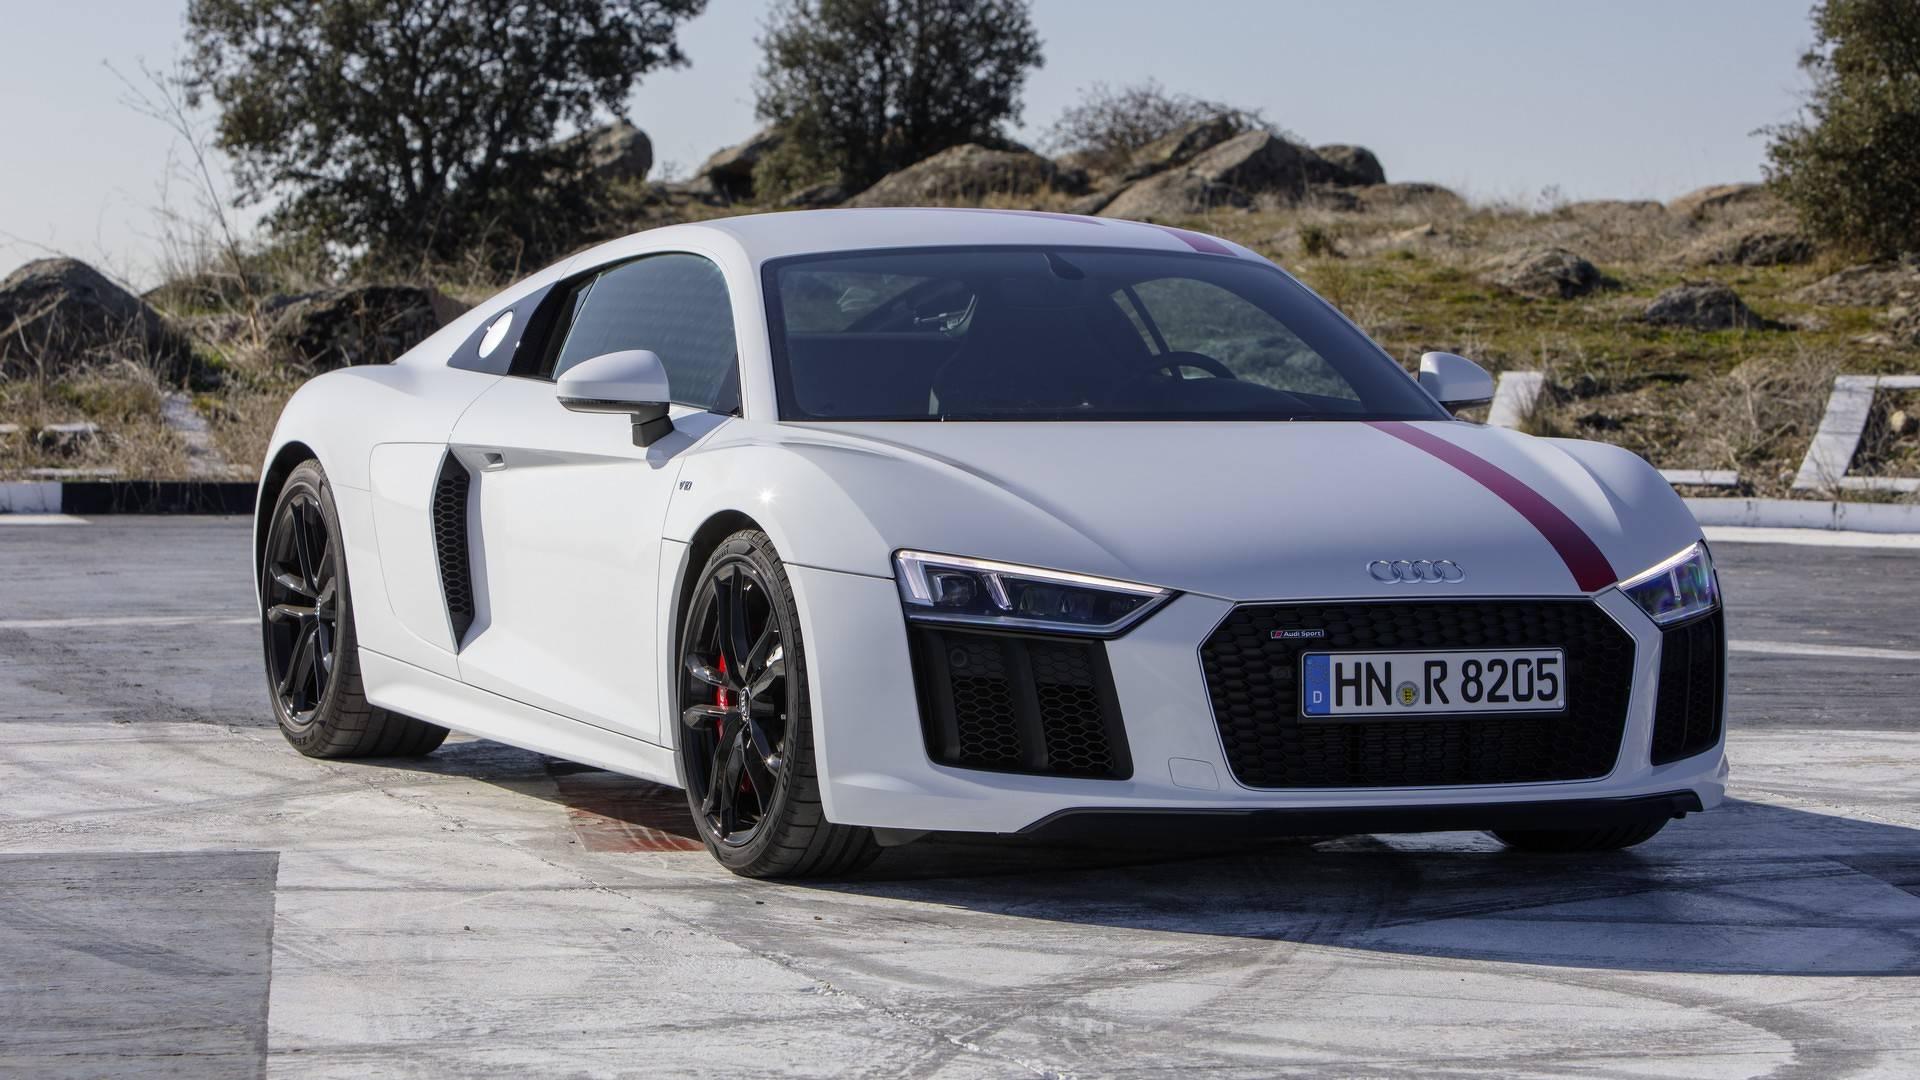 Take Home Audi S Rear Wheel Drive R8 Rws For Less Than 140k